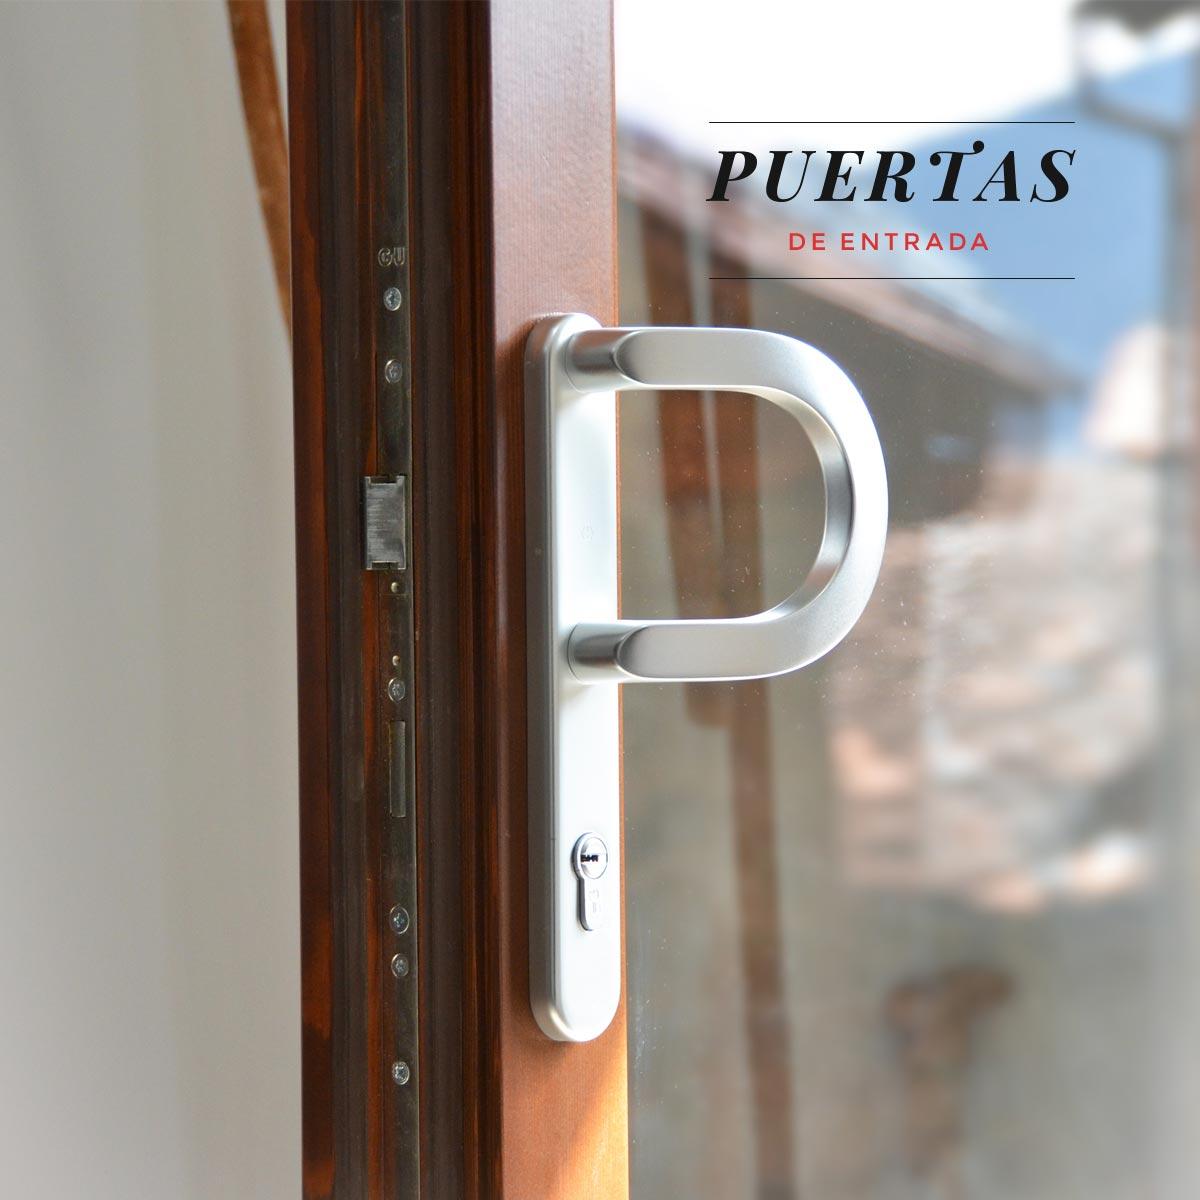 Carreté Finestres - cerramientos y puertas de entrada de seguridad